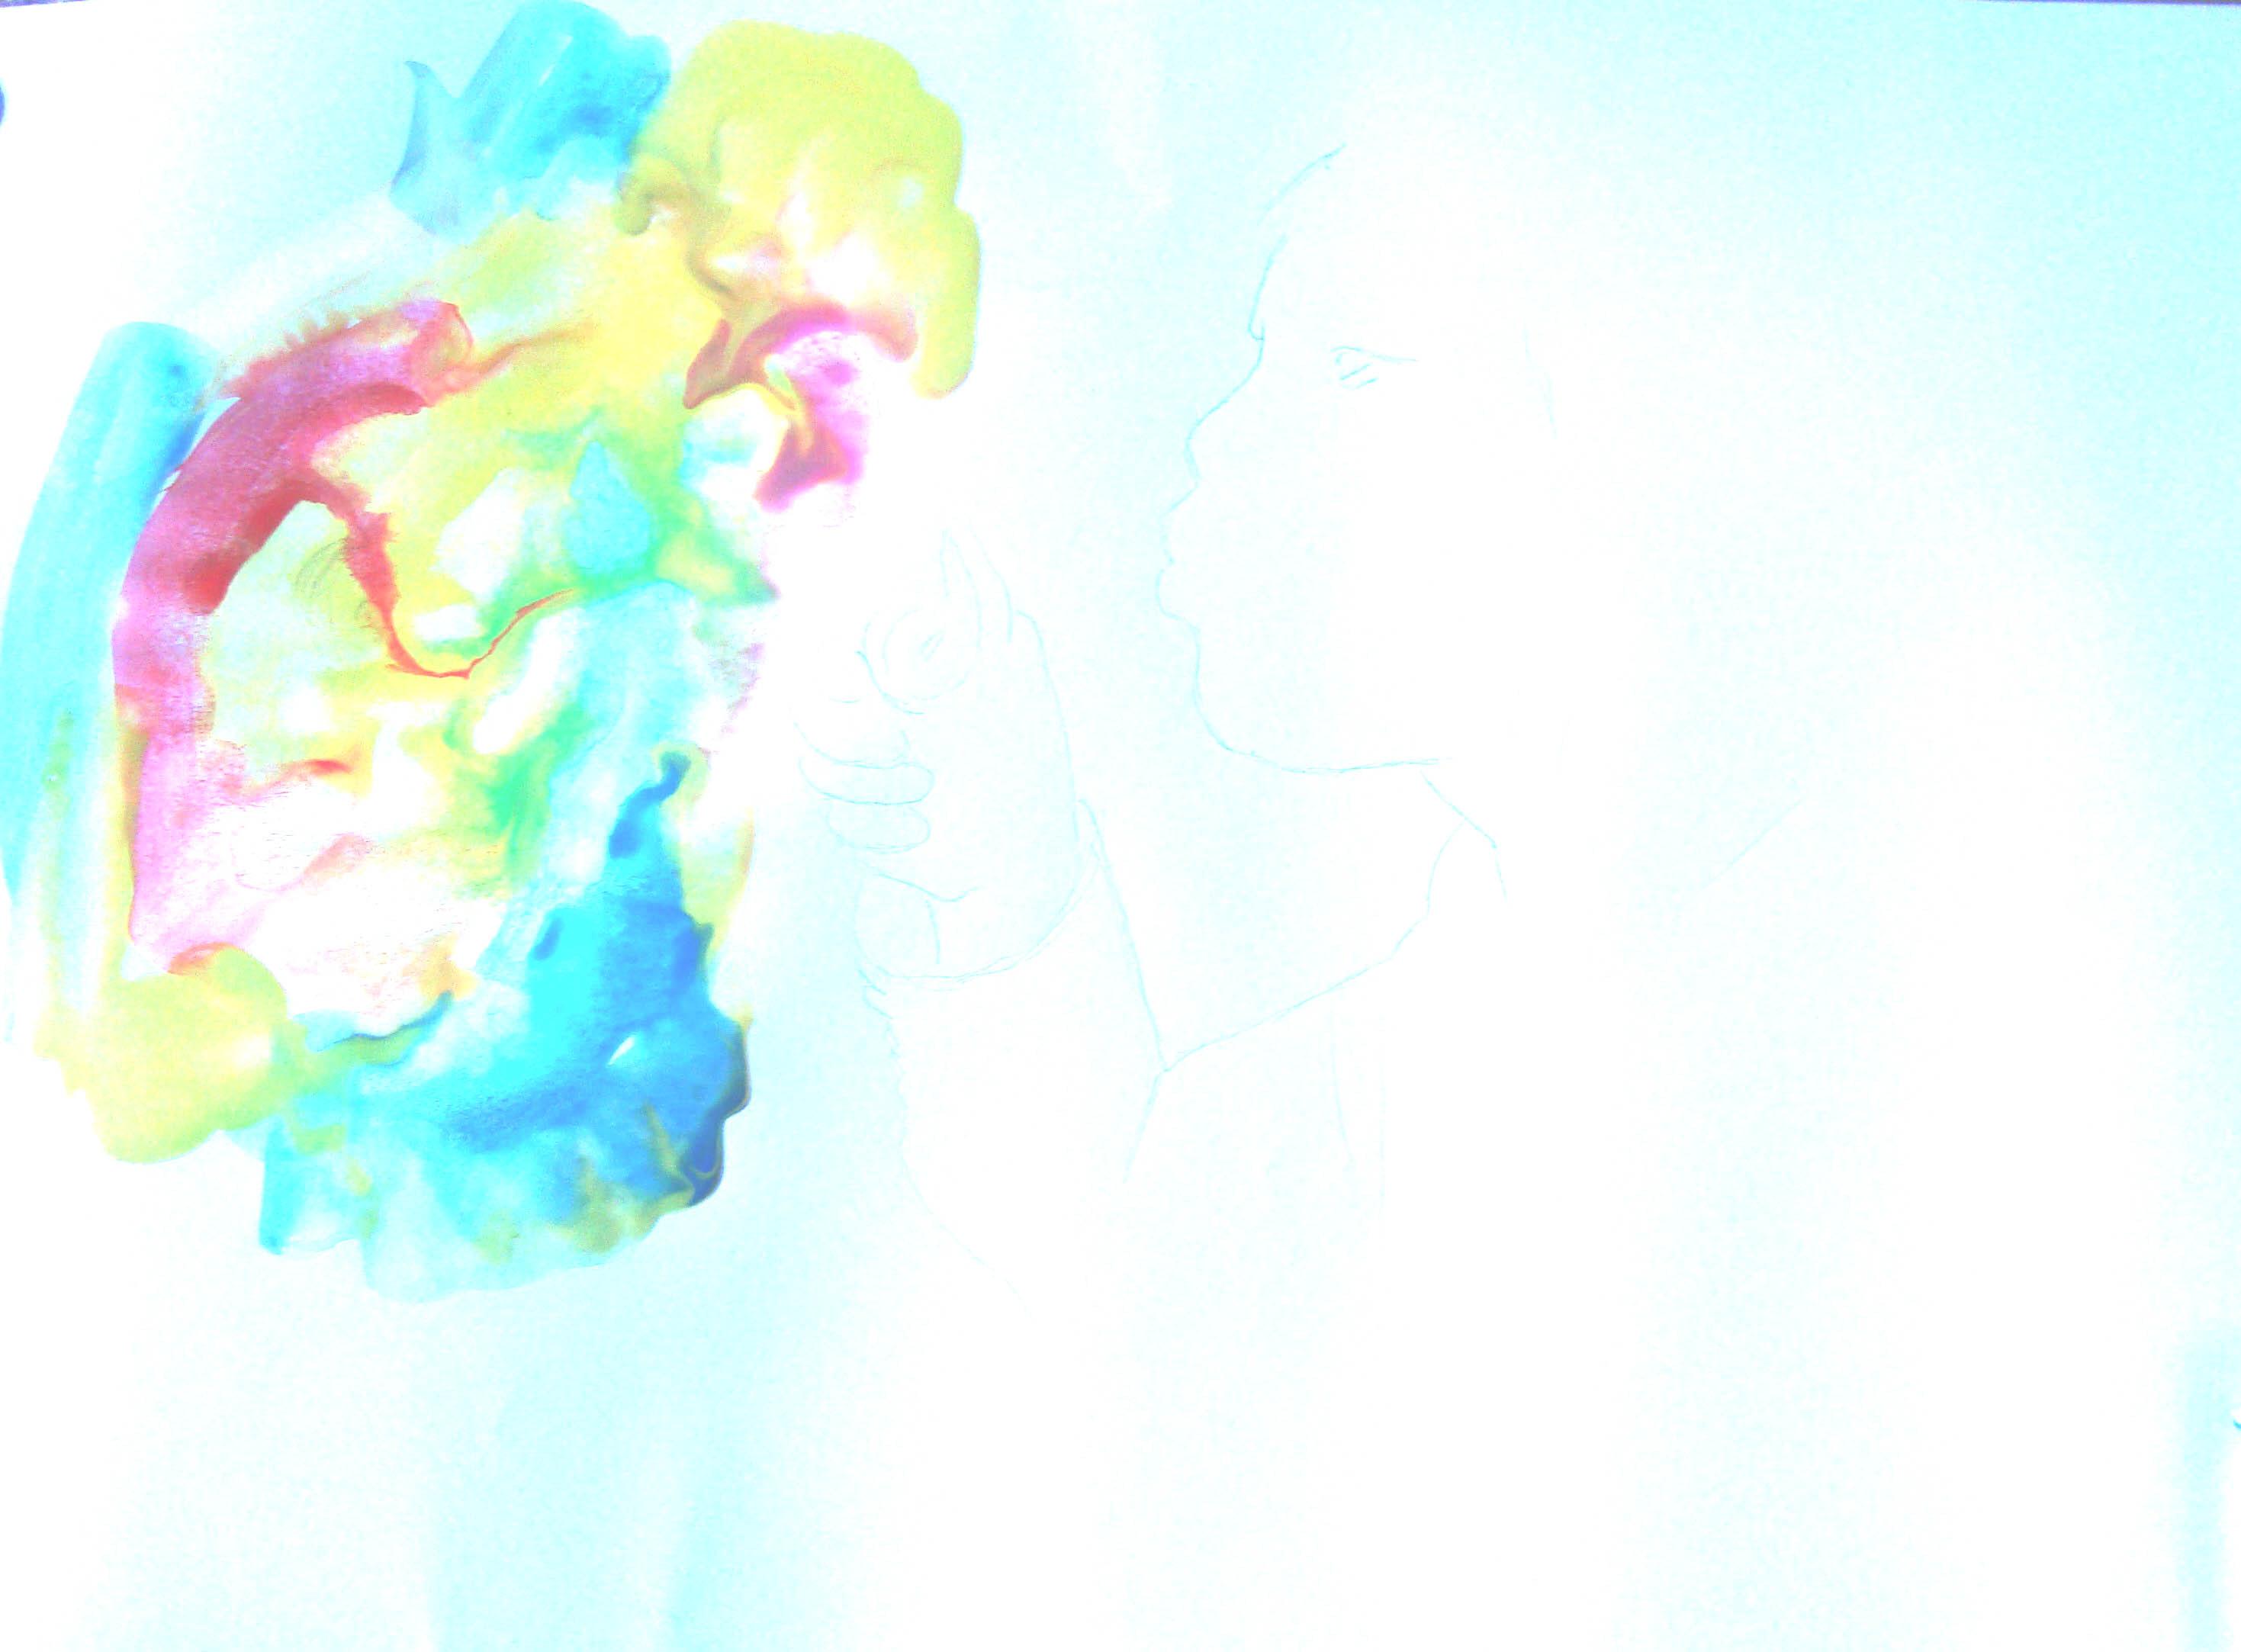 логотип разноцветная бабочка: